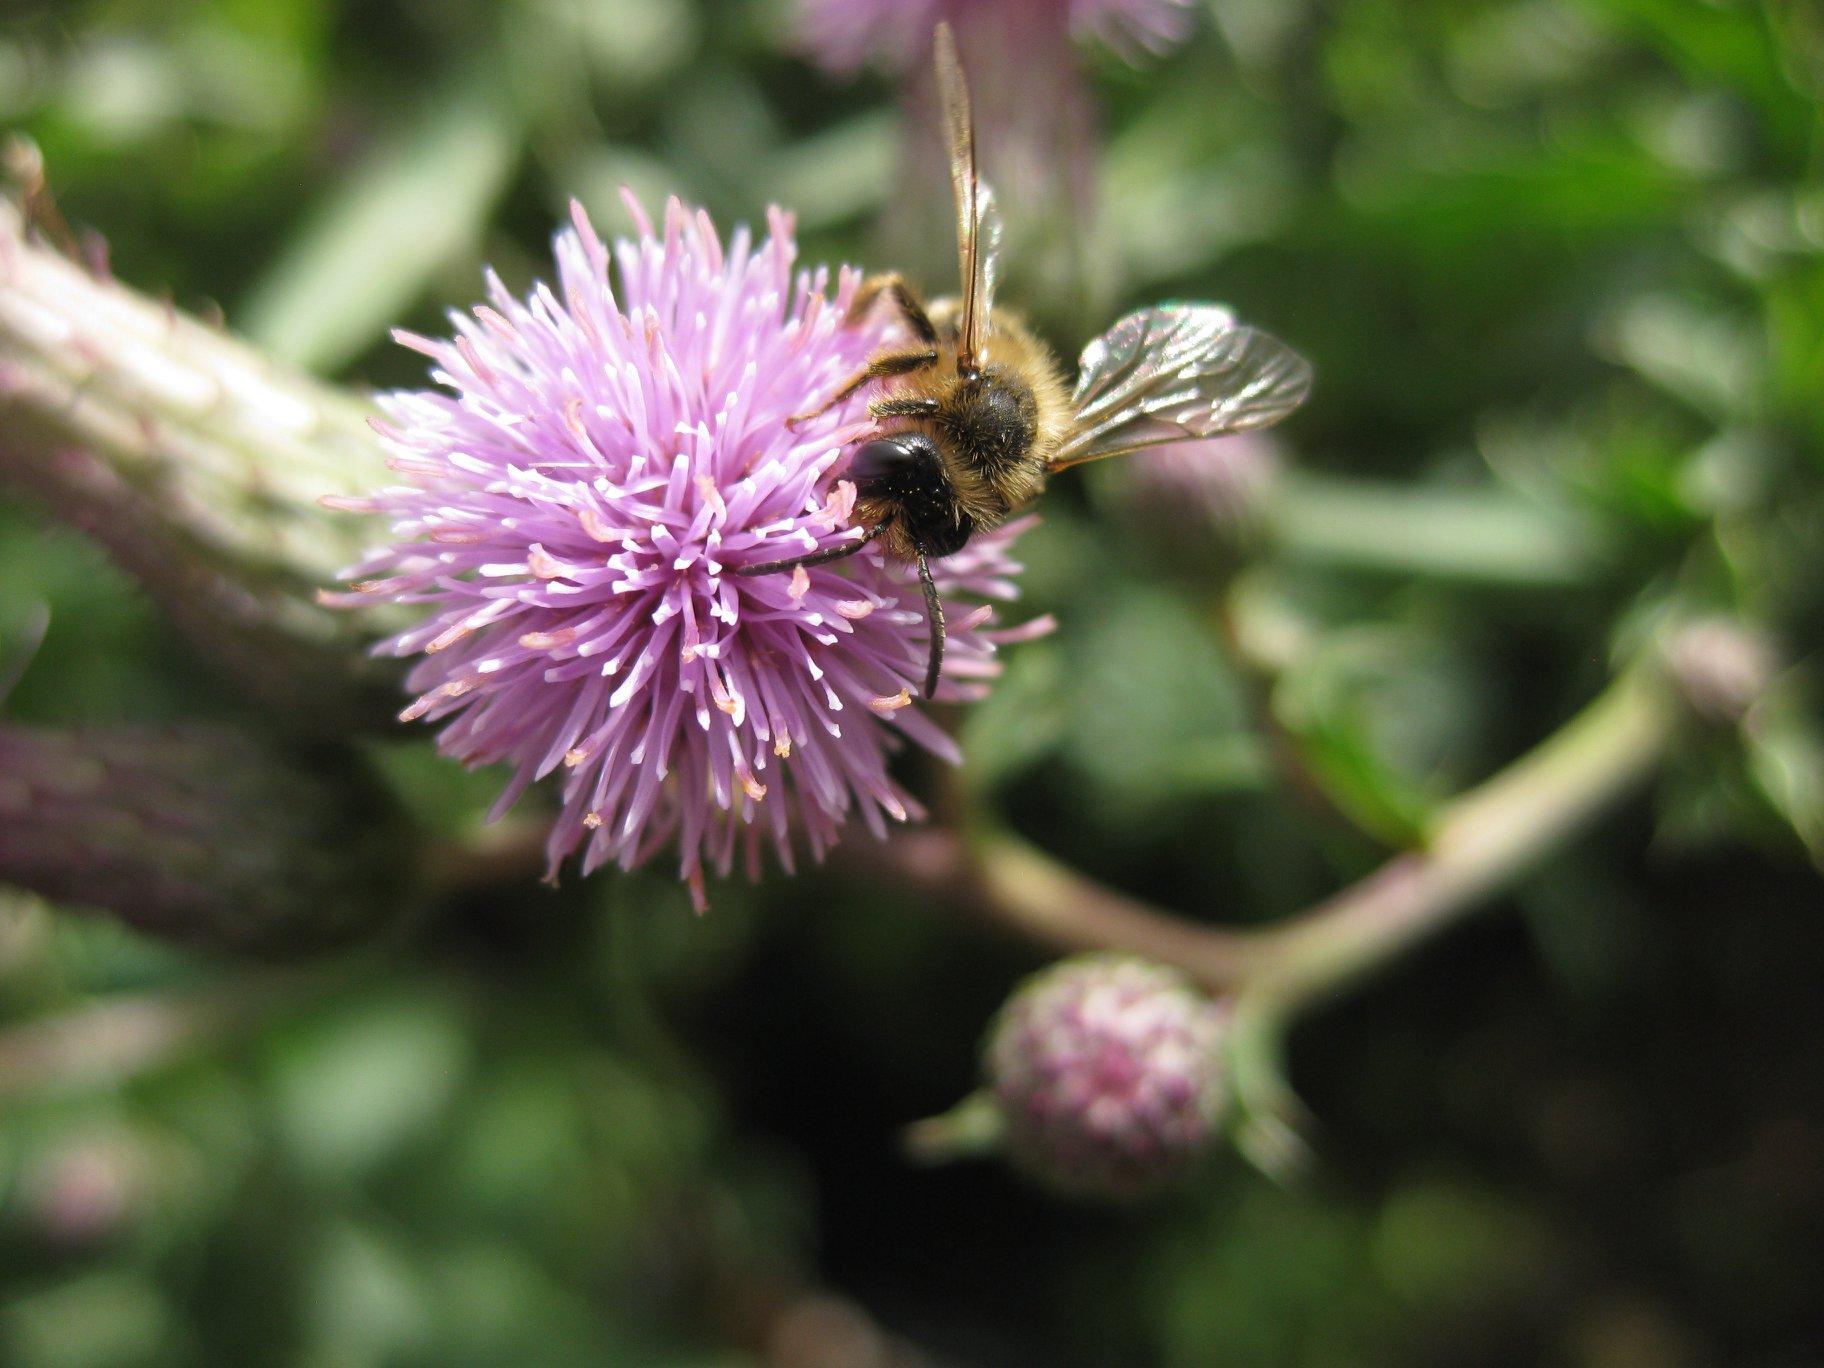 Blüte der Acker Kratzdistel mit Biene